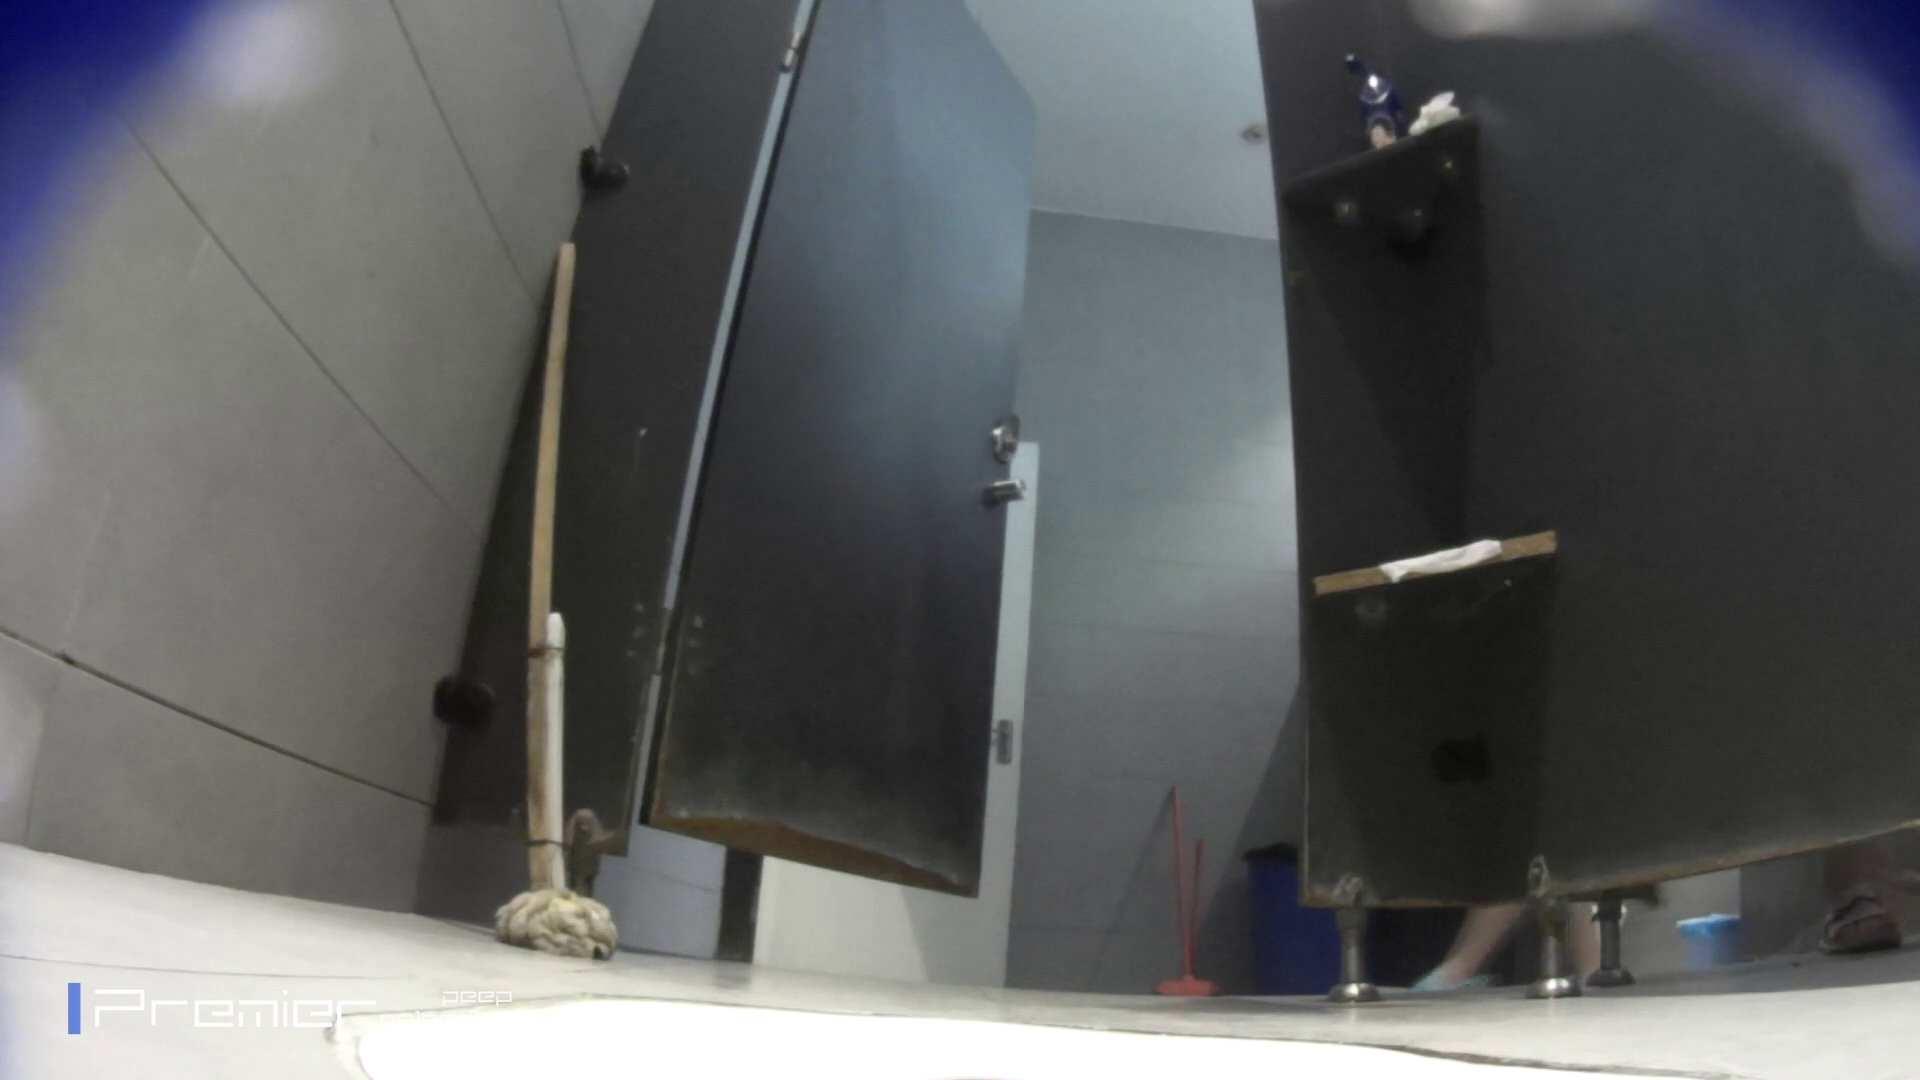 トイレットペーパーを握りしめ個室に入る乙女 大学休憩時間の洗面所事情83 トイレ | 乙女  99pic 1